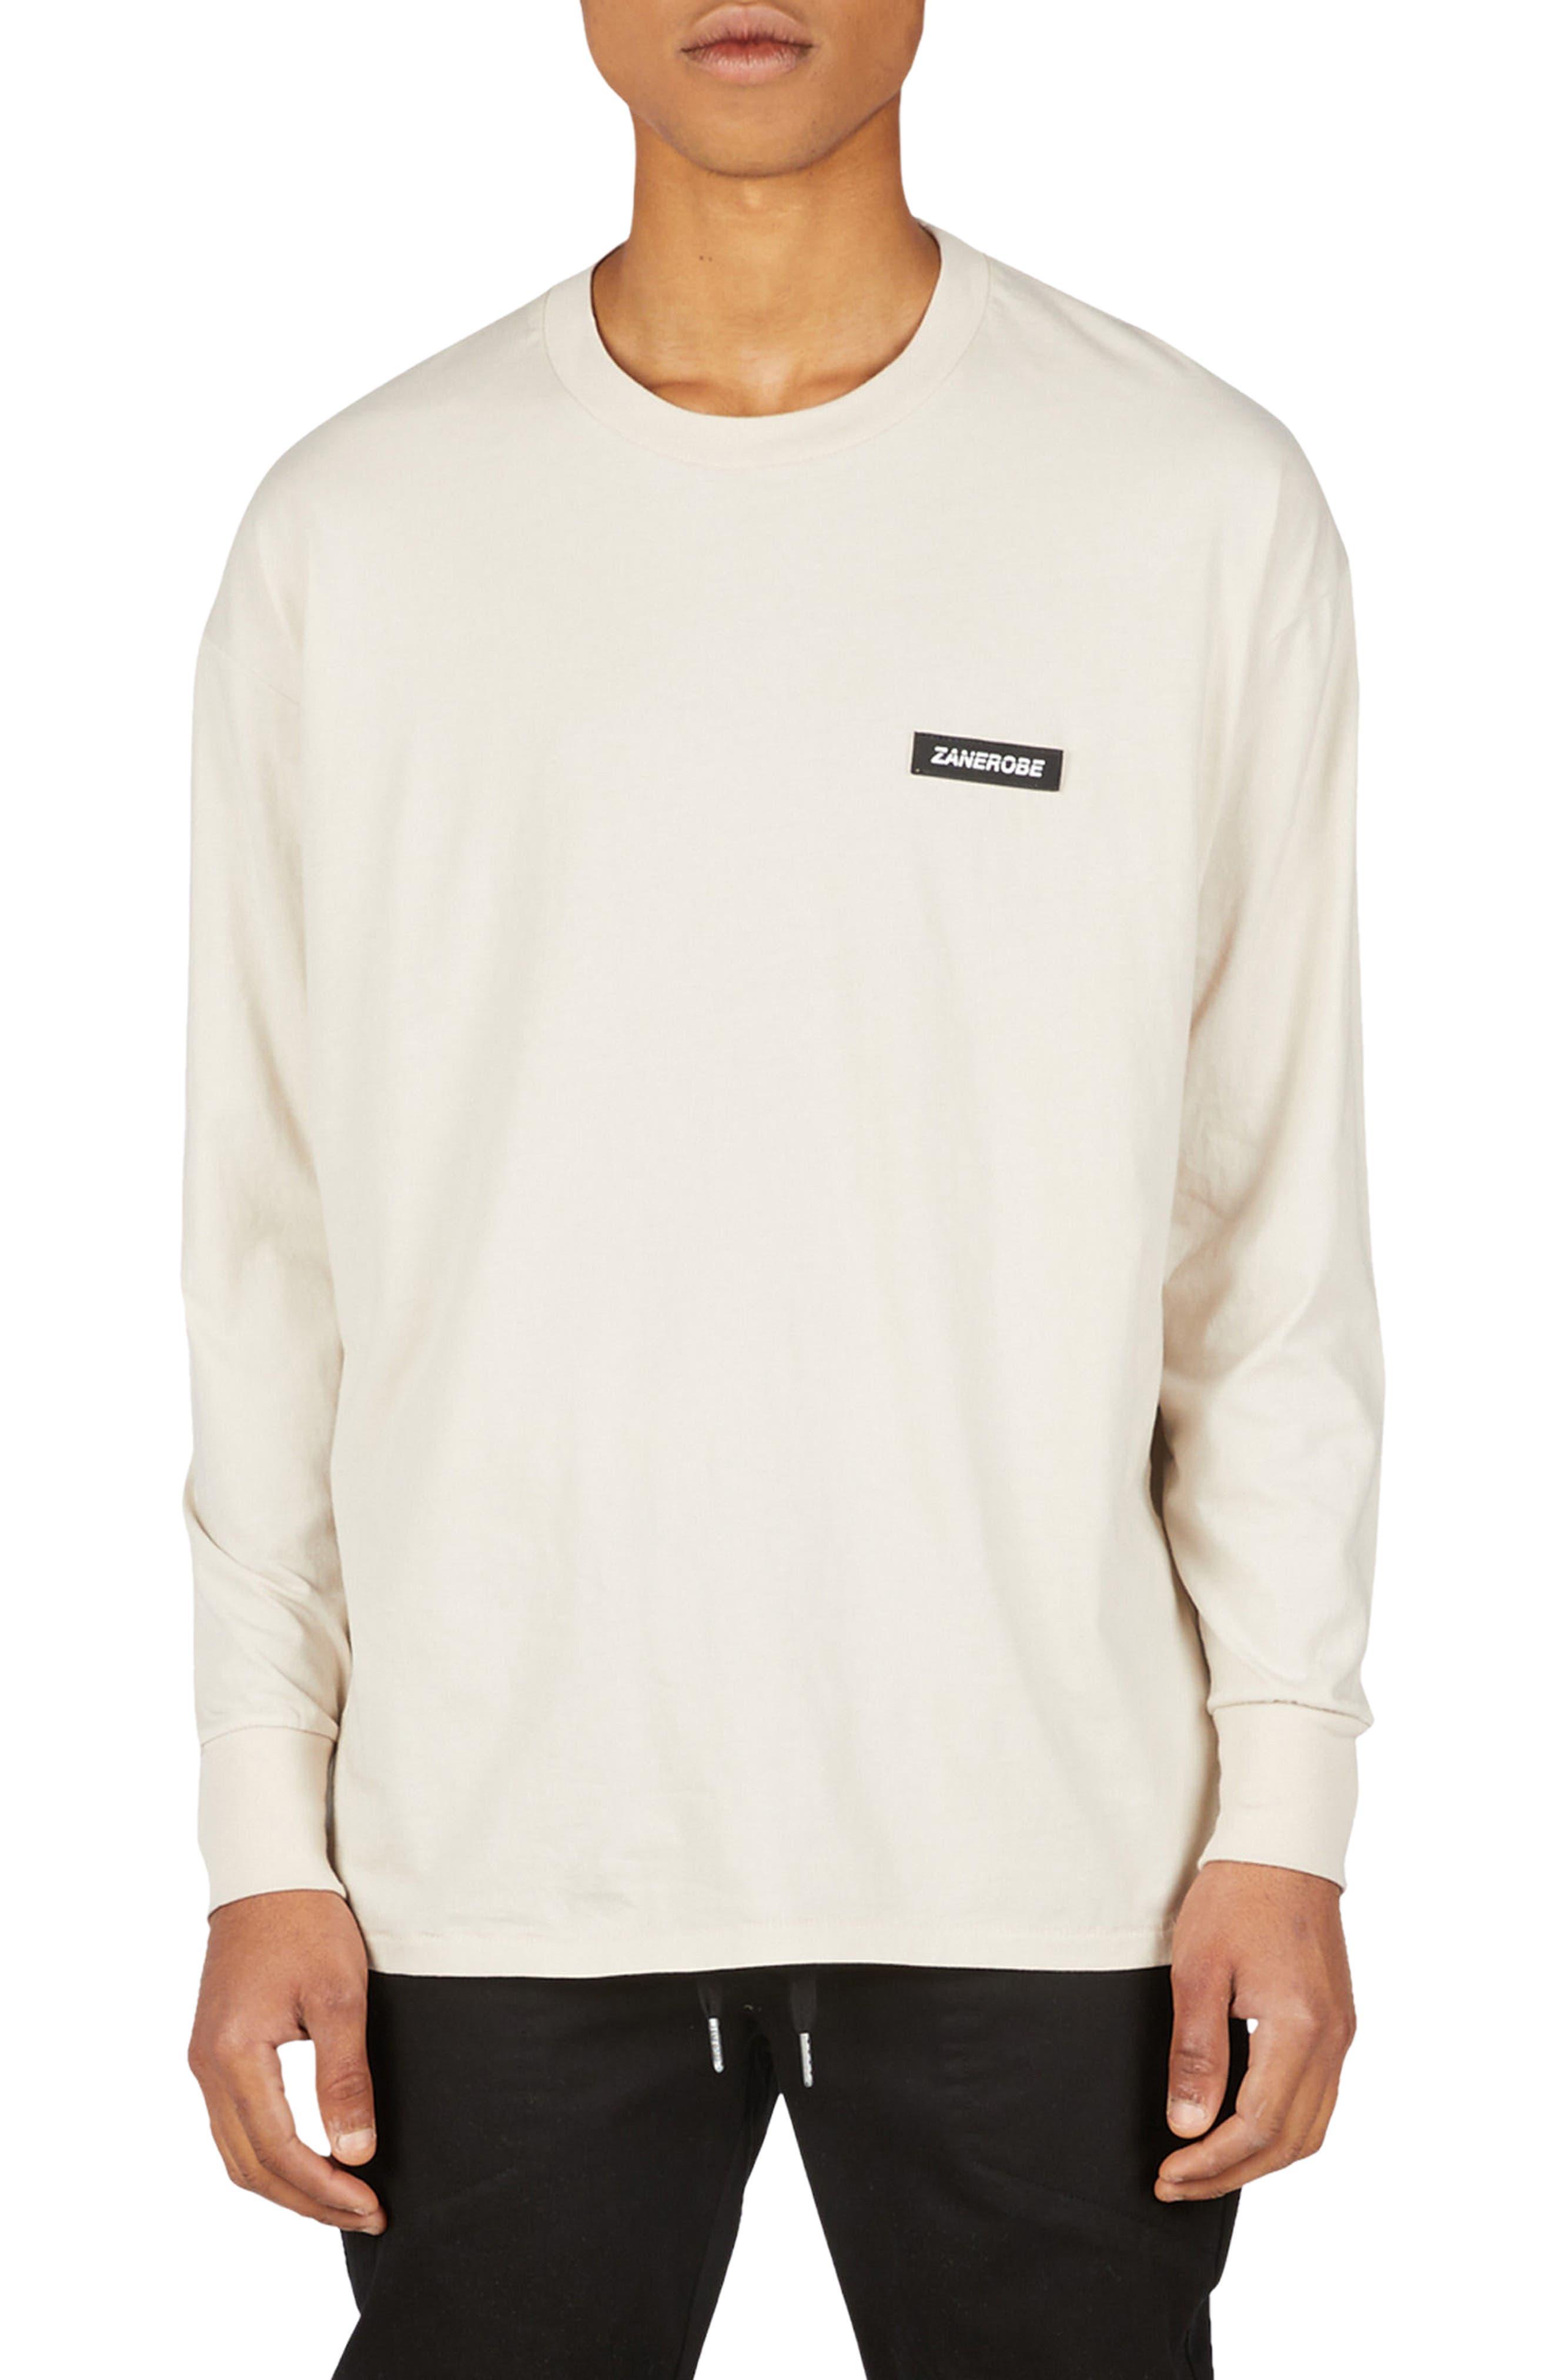 ZANEROBE Brand Rugger T-Shirt